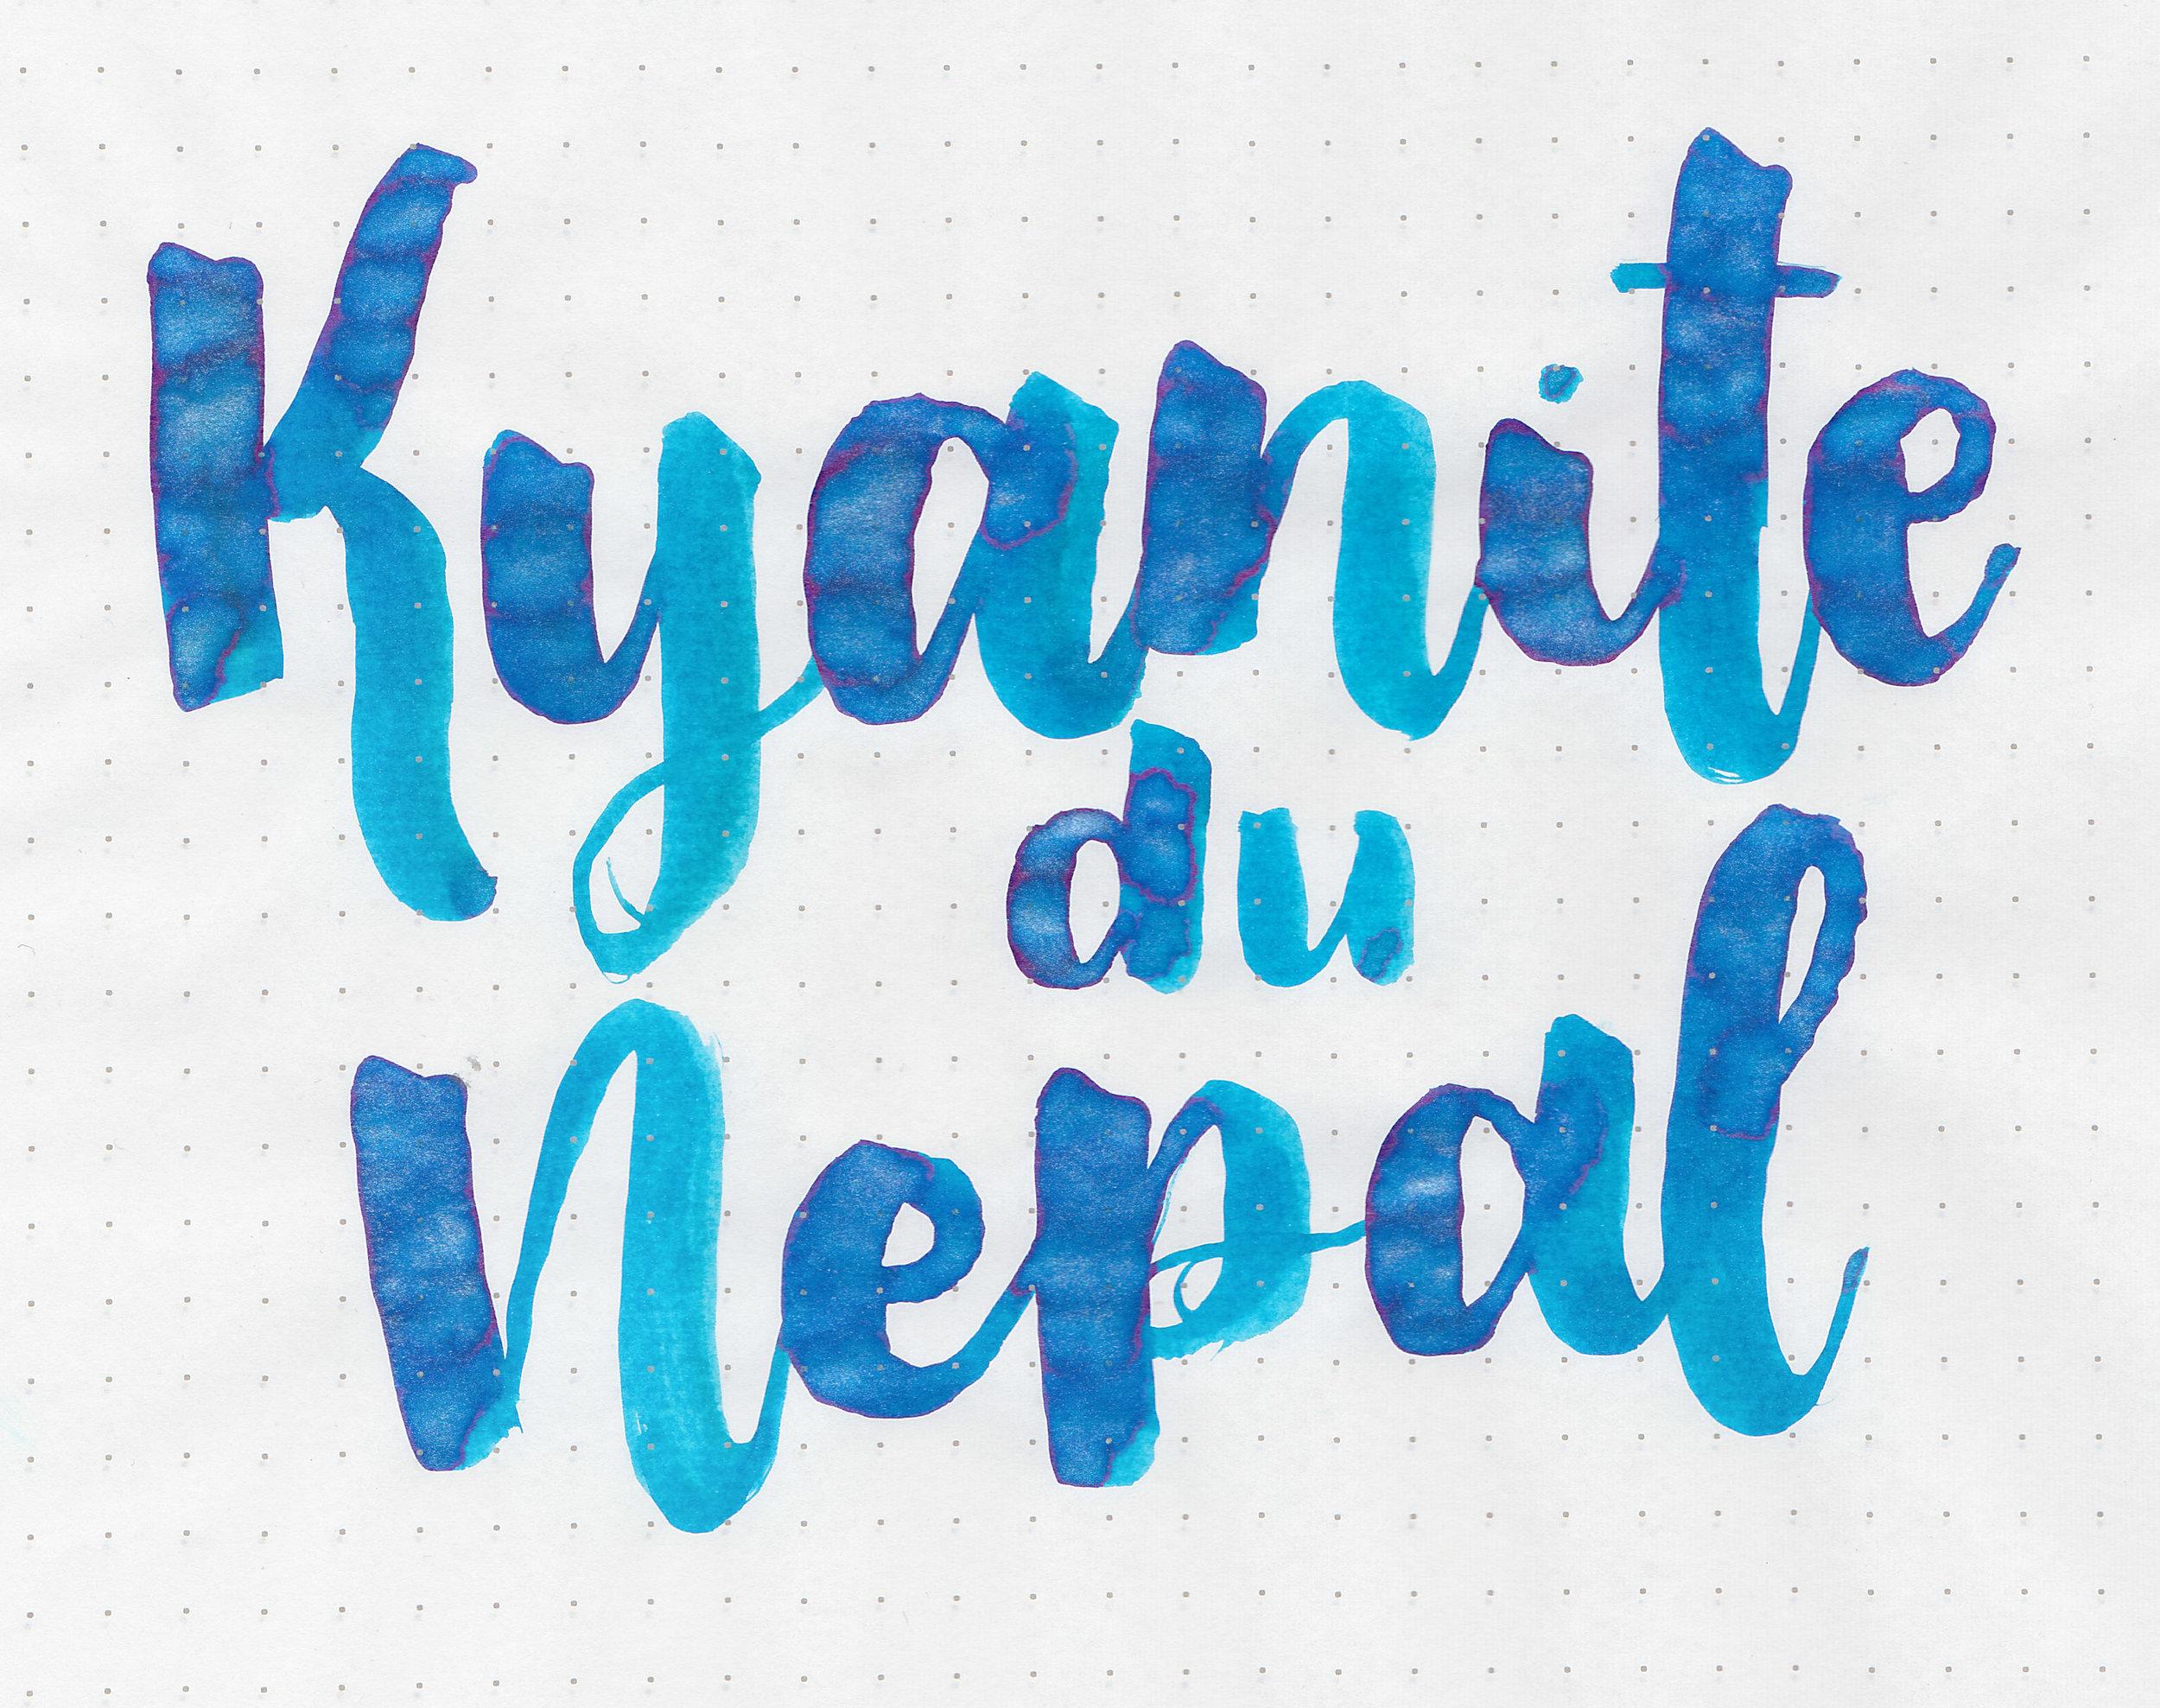 jh-kyanite-du-nepal-4.jpg